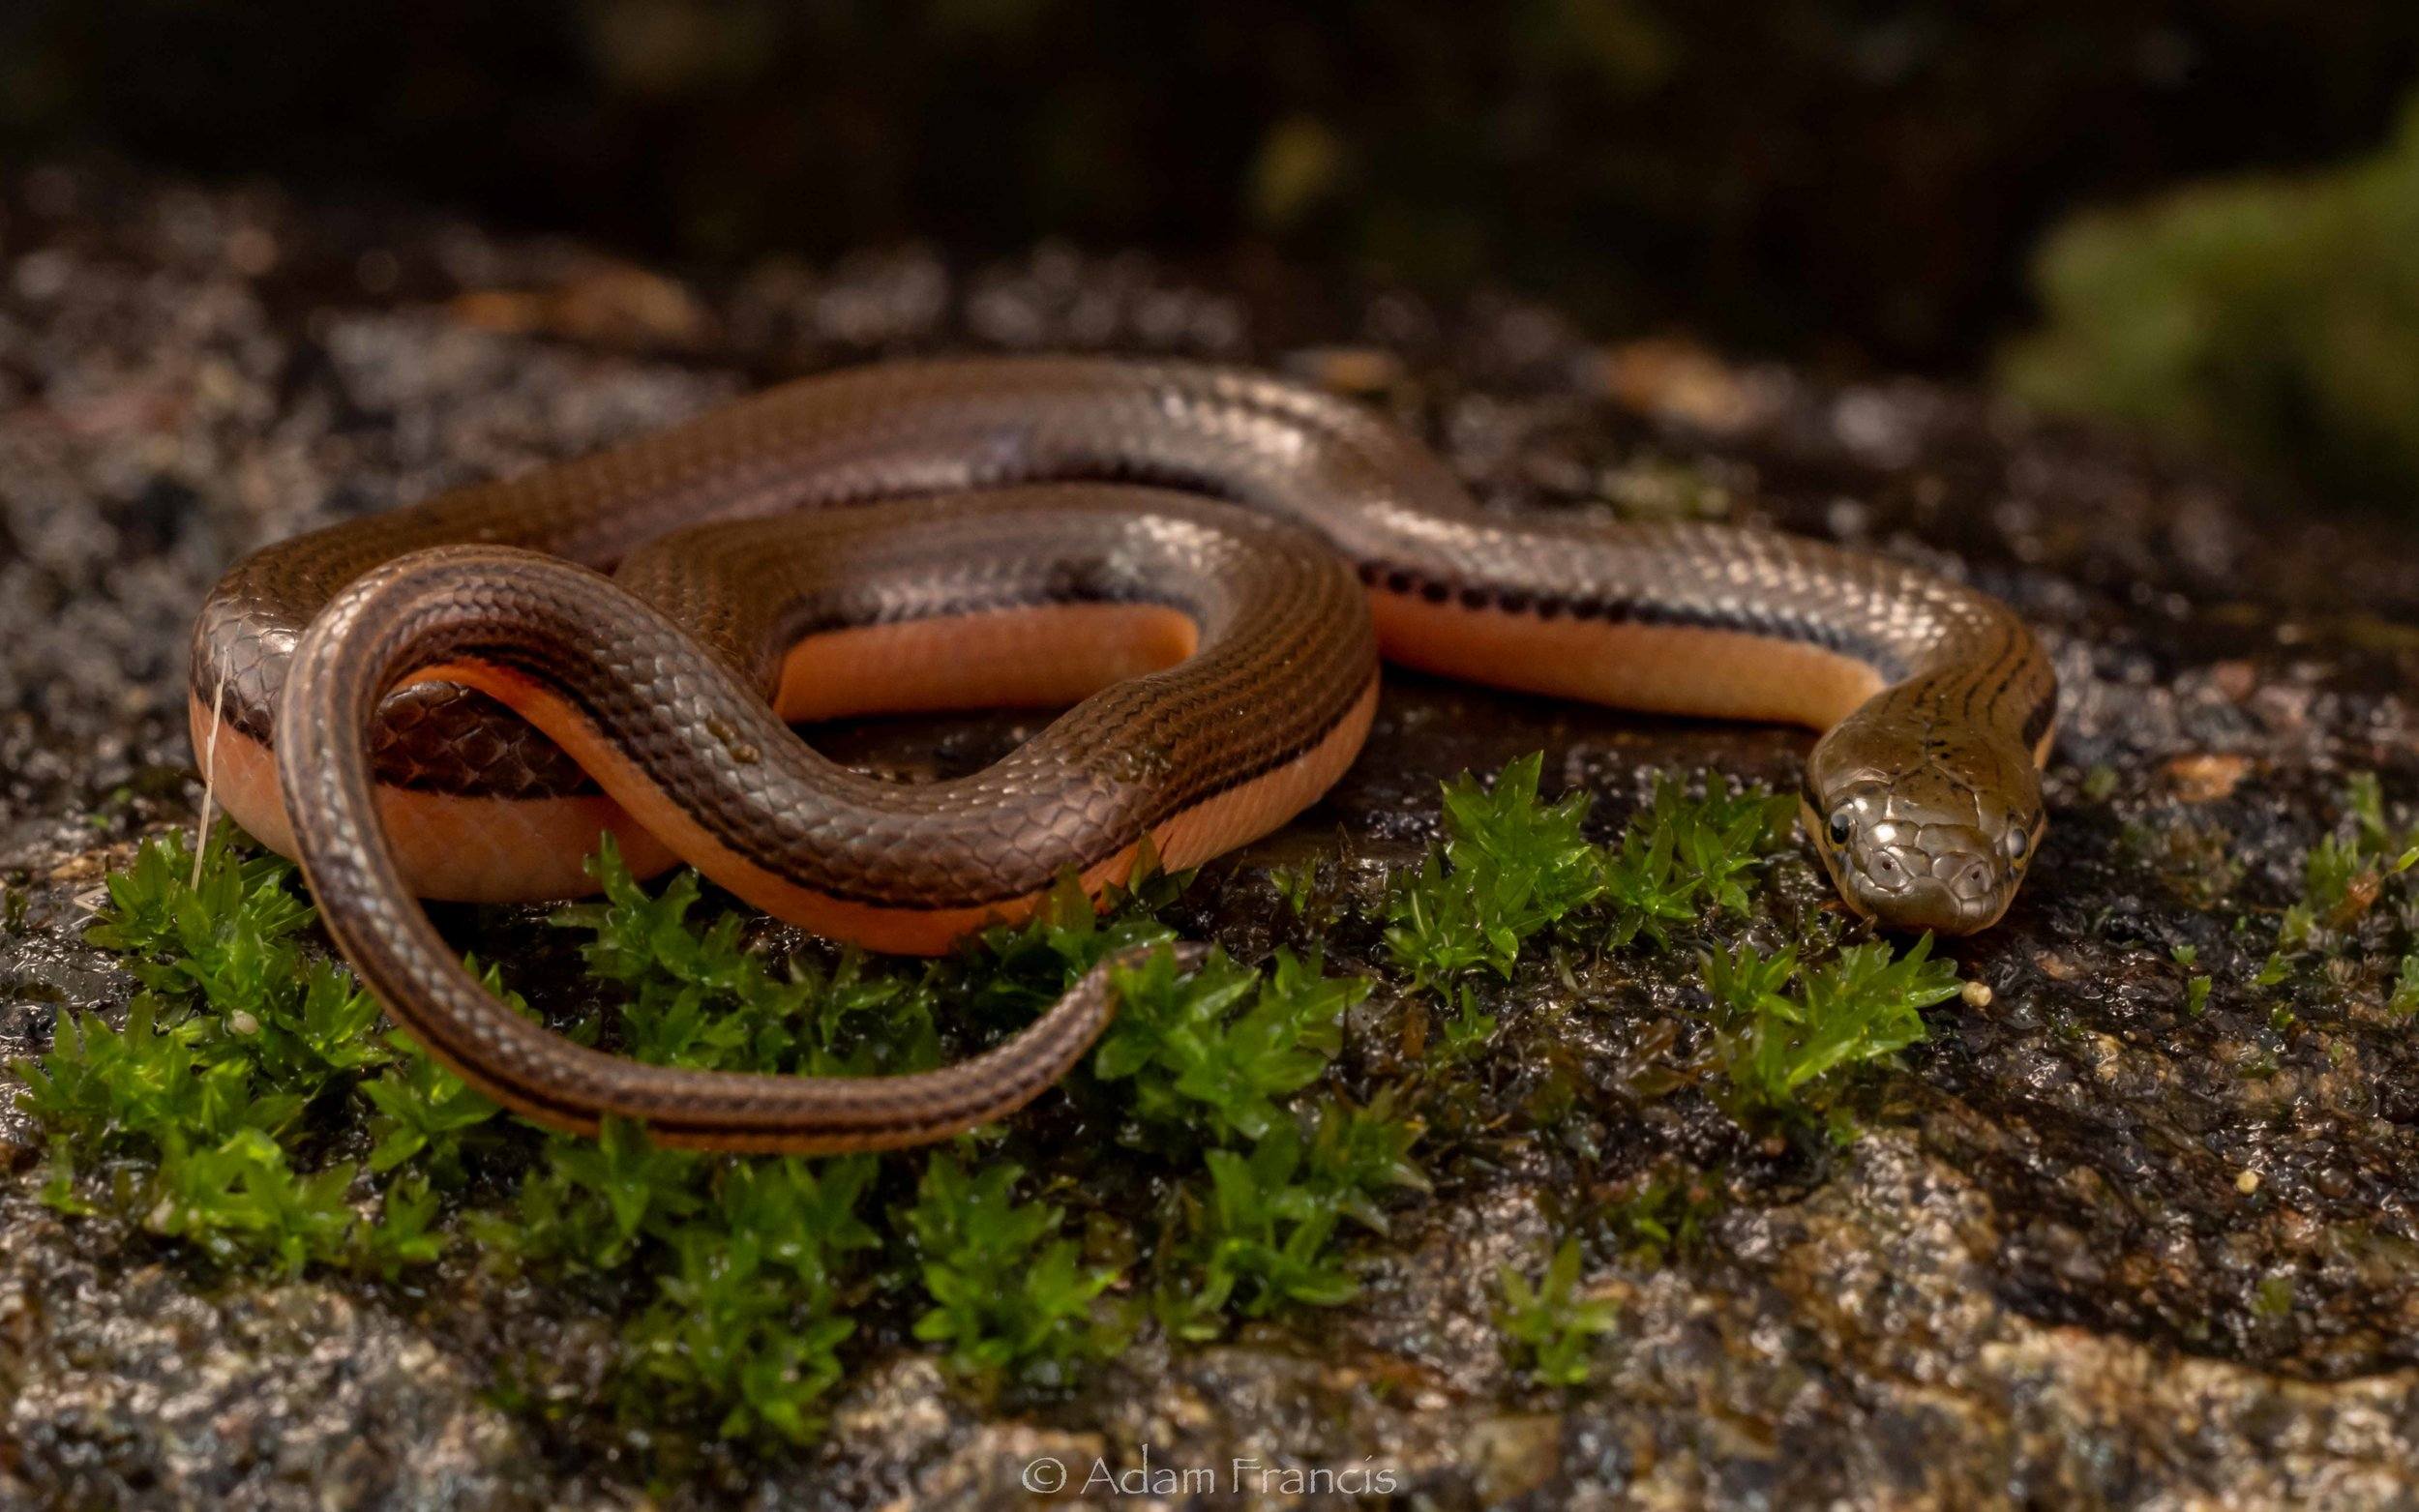 Bicoloured Stream Snake - Opisthotropis lateralis